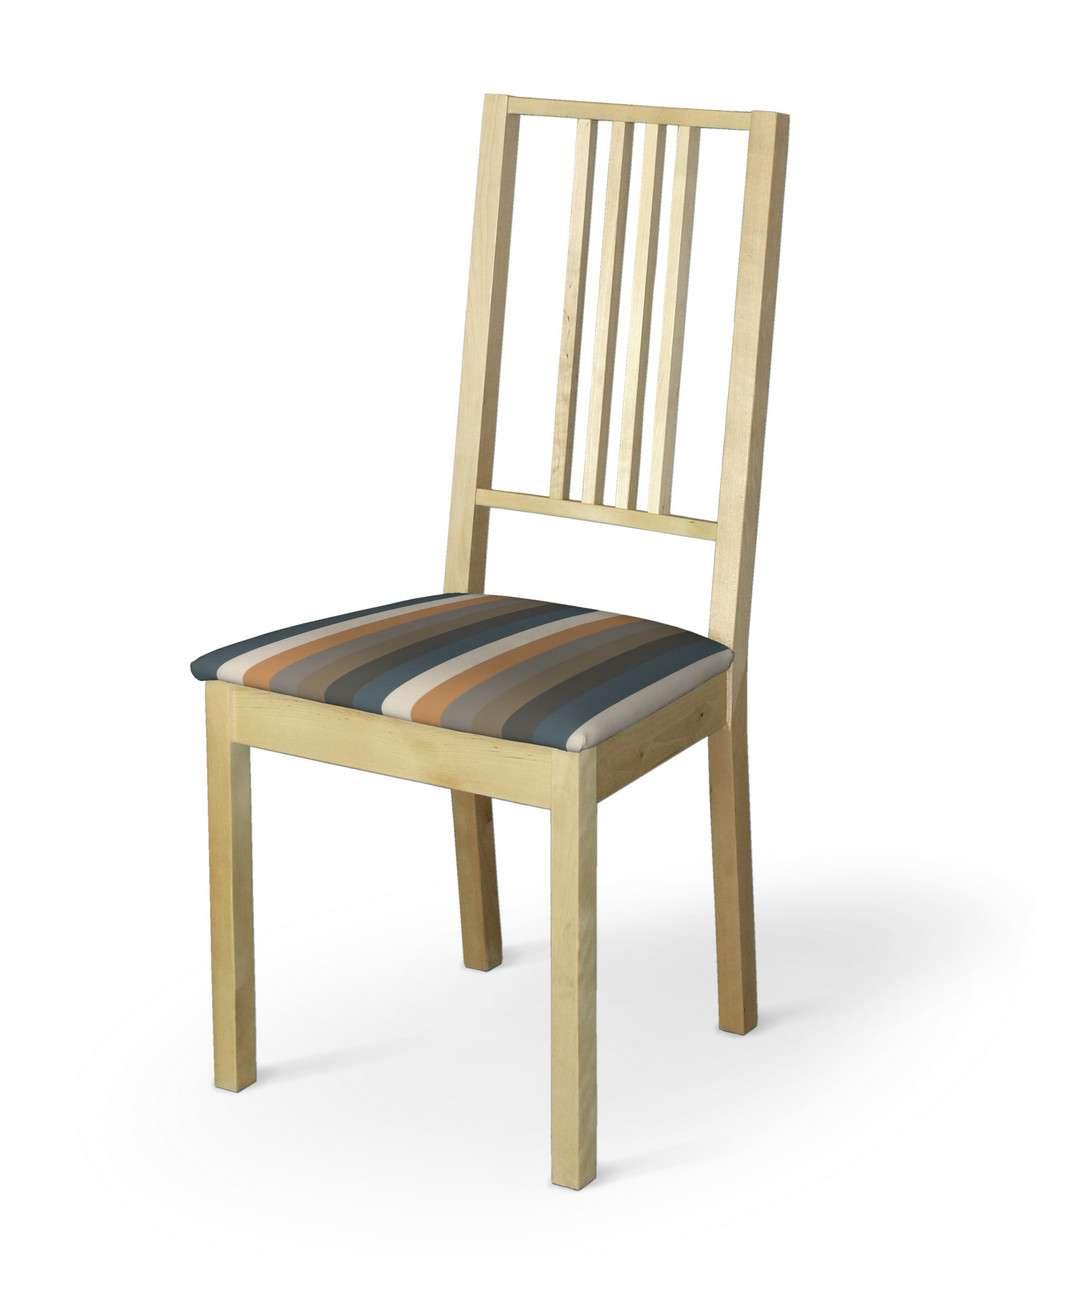 Pokrowiec na siedzisko Börje w kolekcji Vintage 70's, tkanina: 143-58